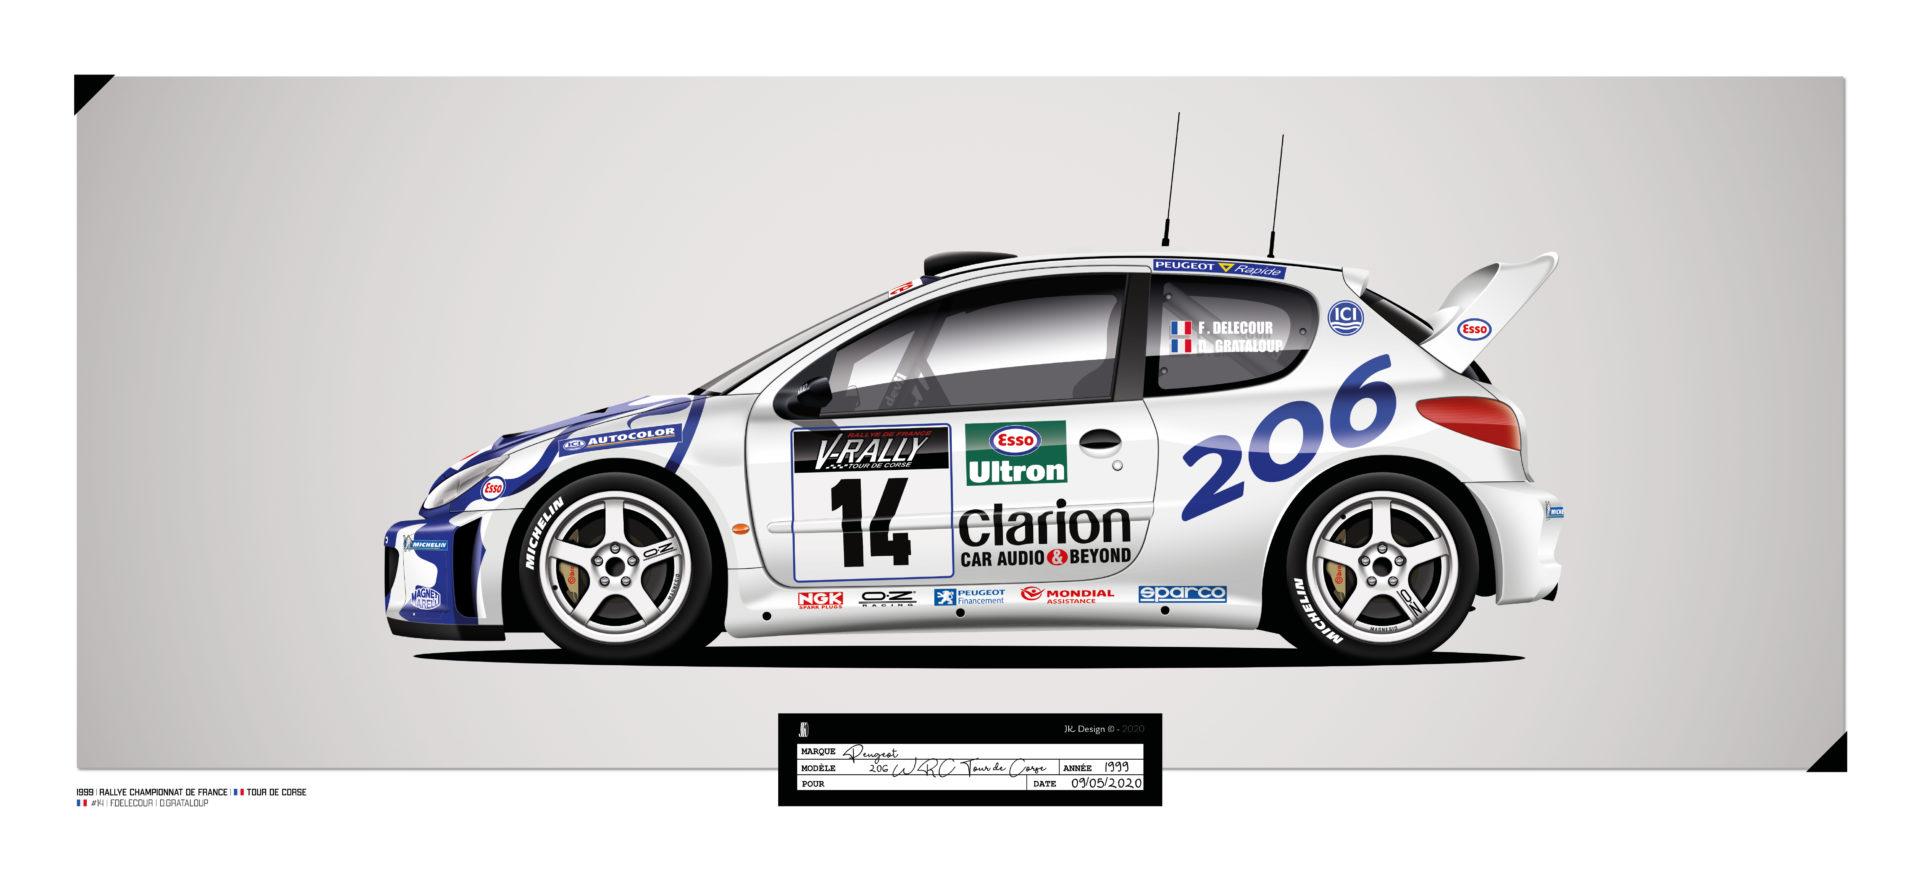 Jk Design - 206 WRC - 22